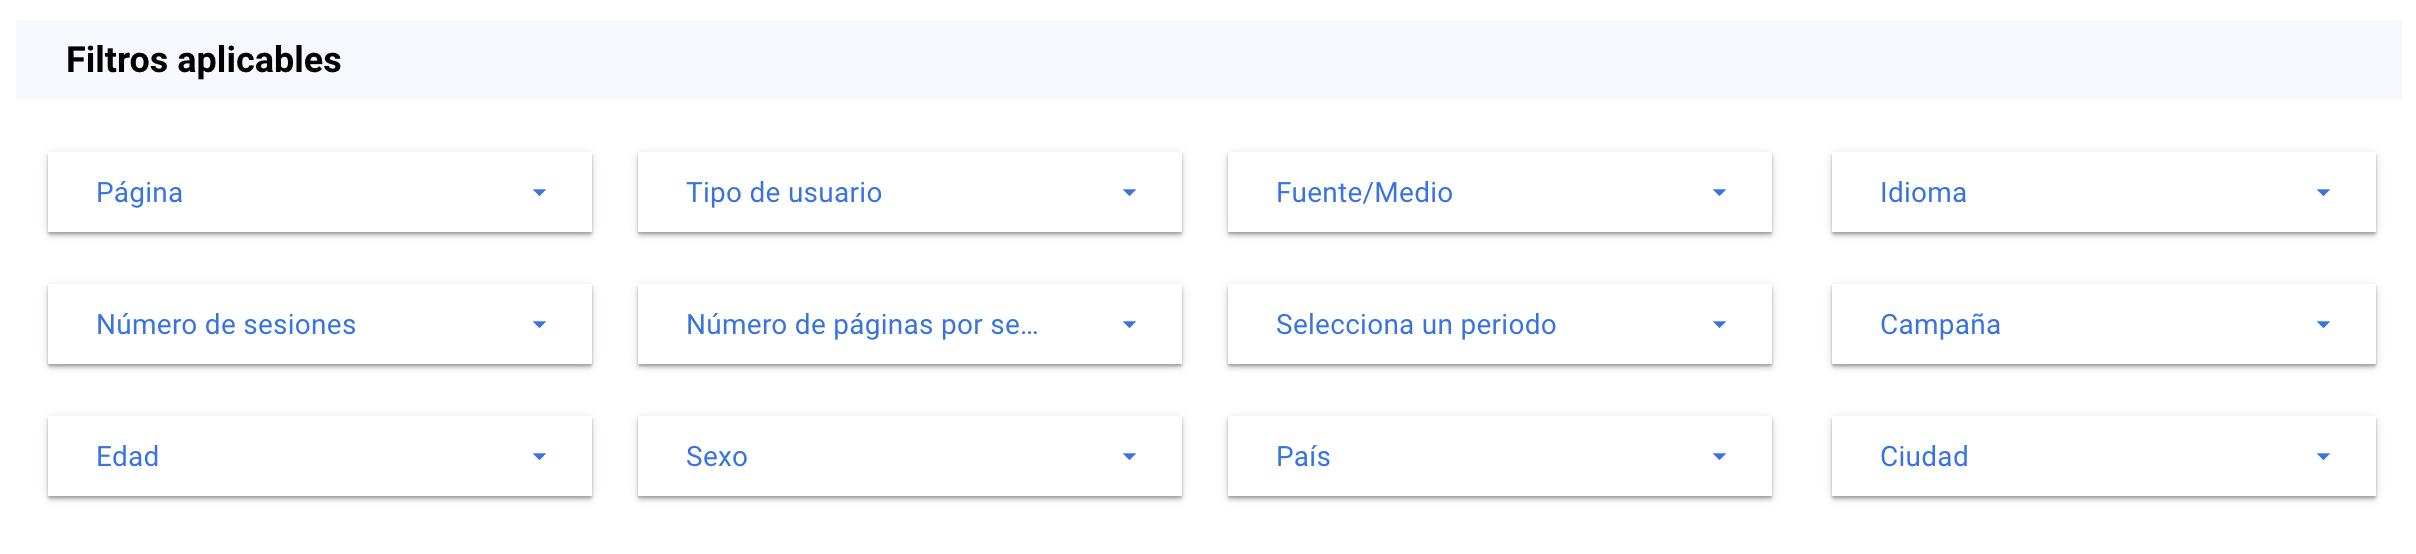 filtros para la estrategia de contenidos